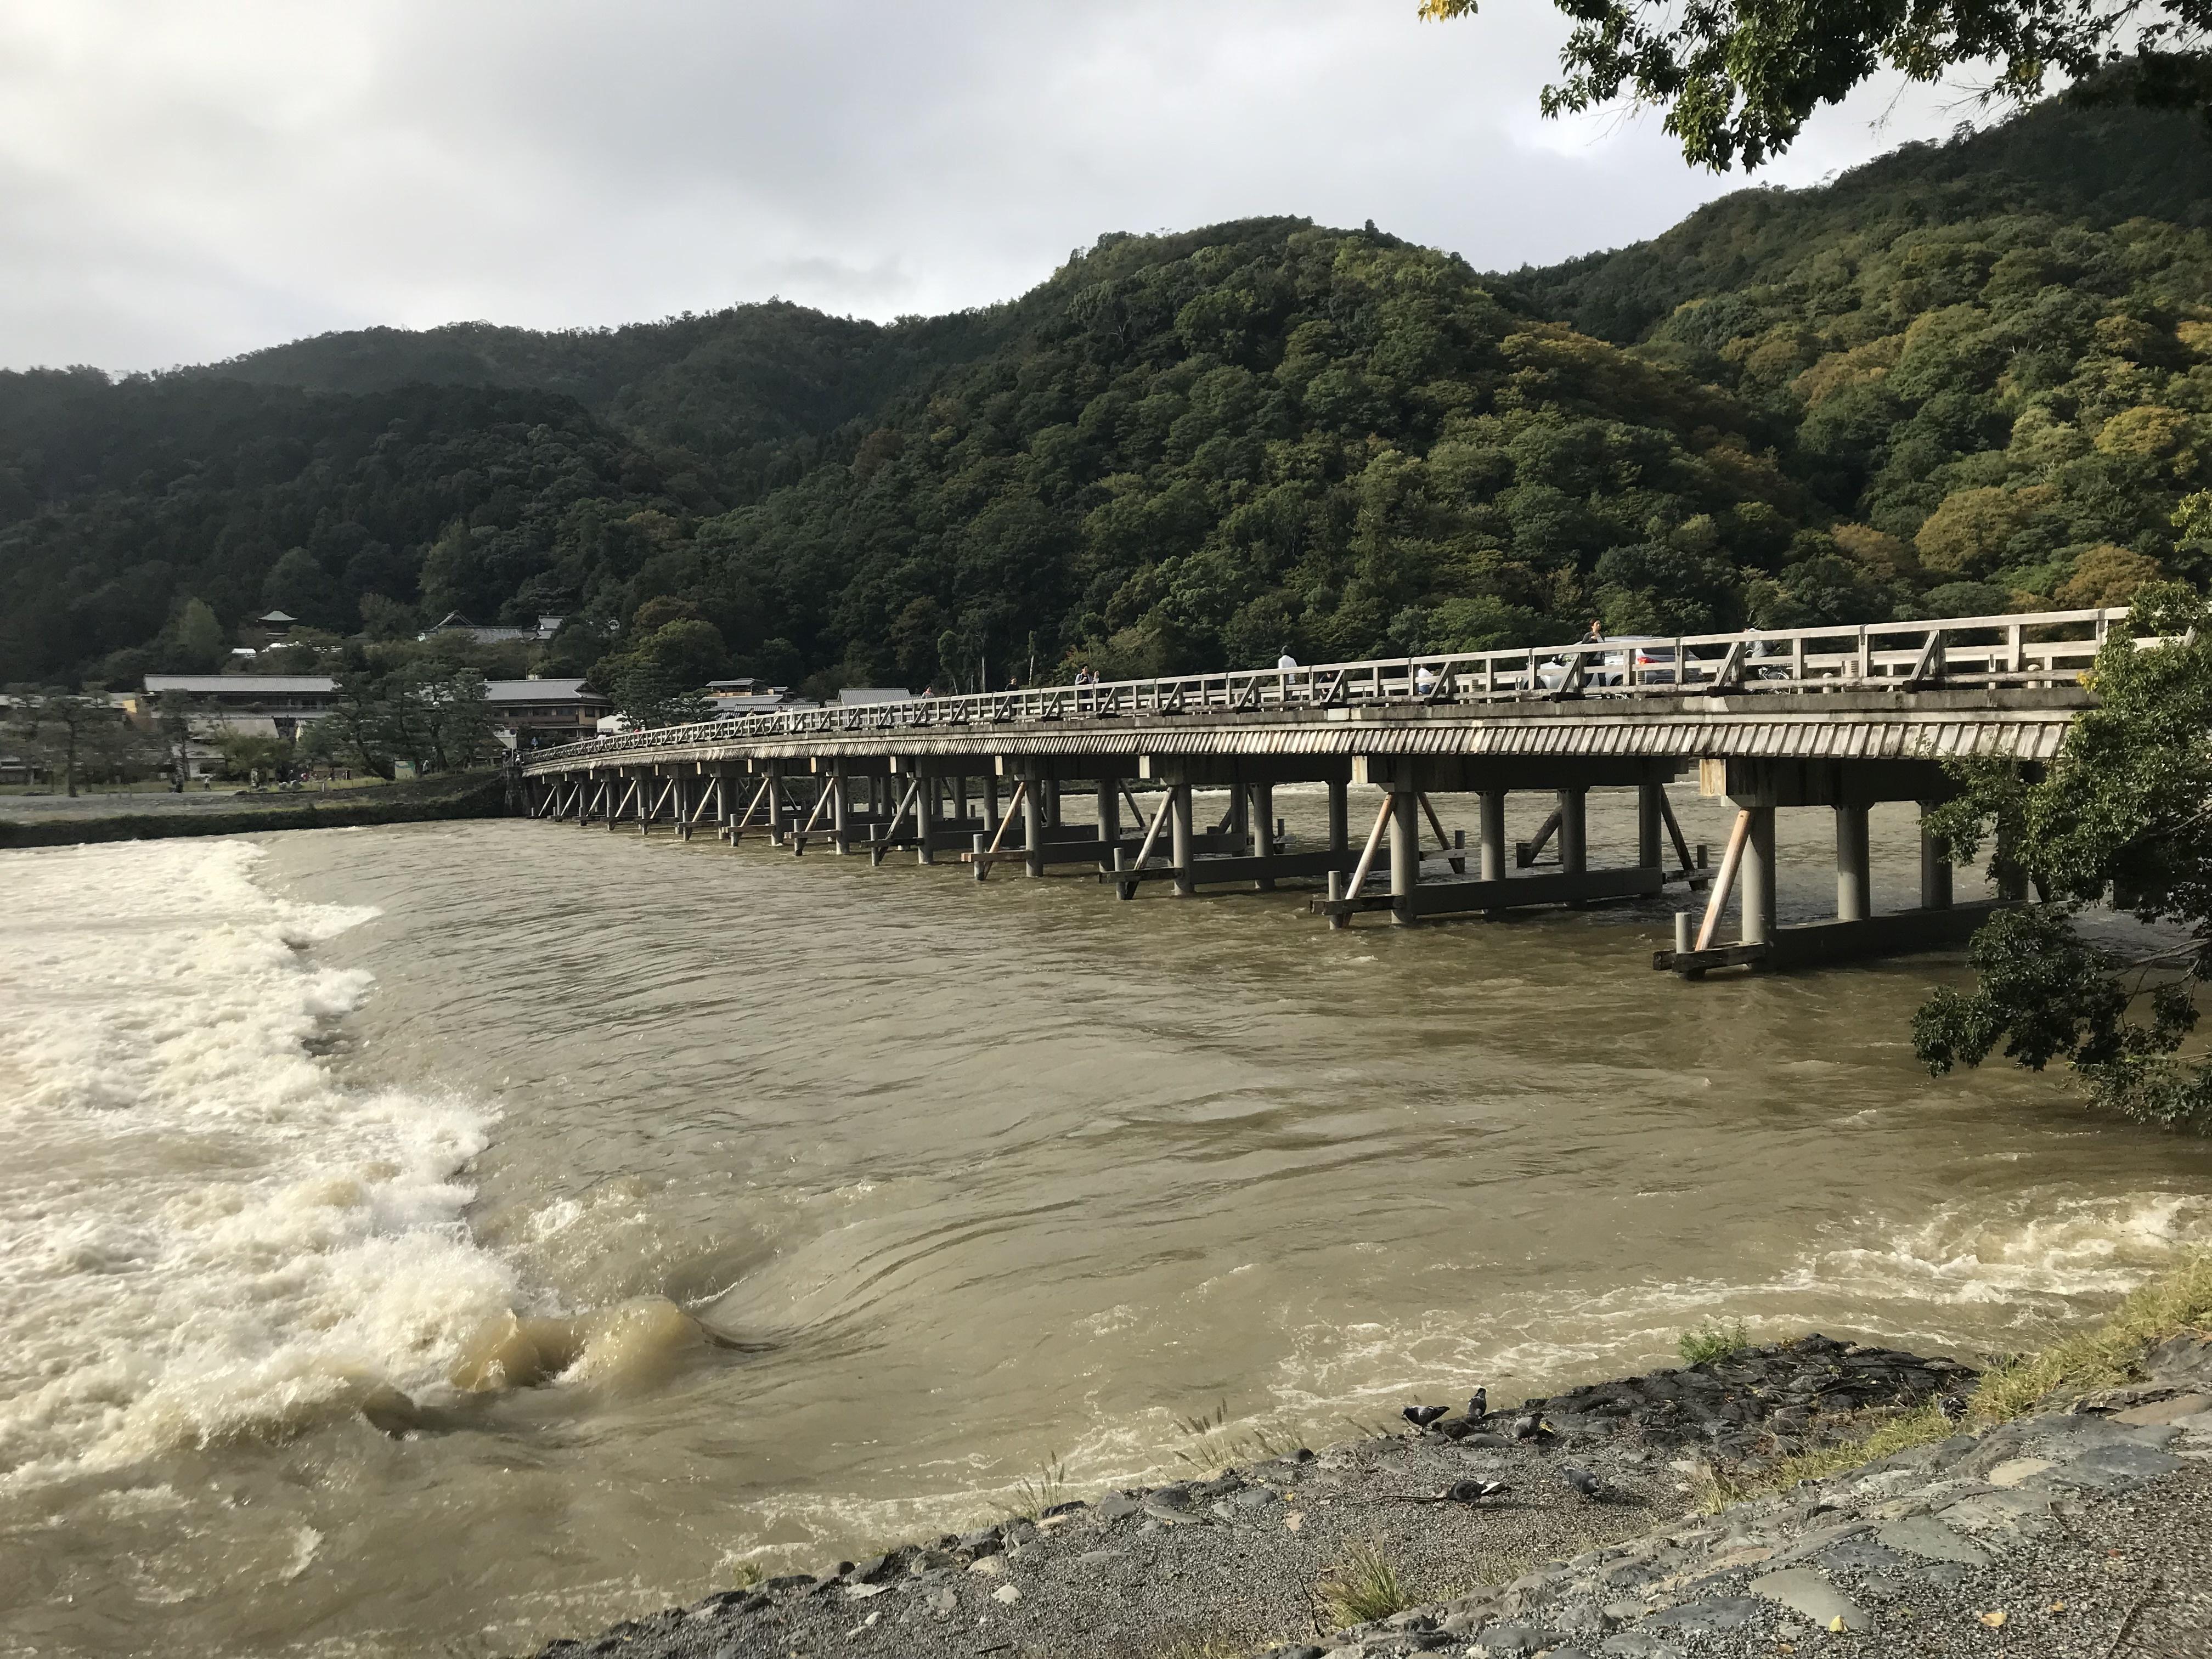 京都ダム巡り ツーリング 渡月橋